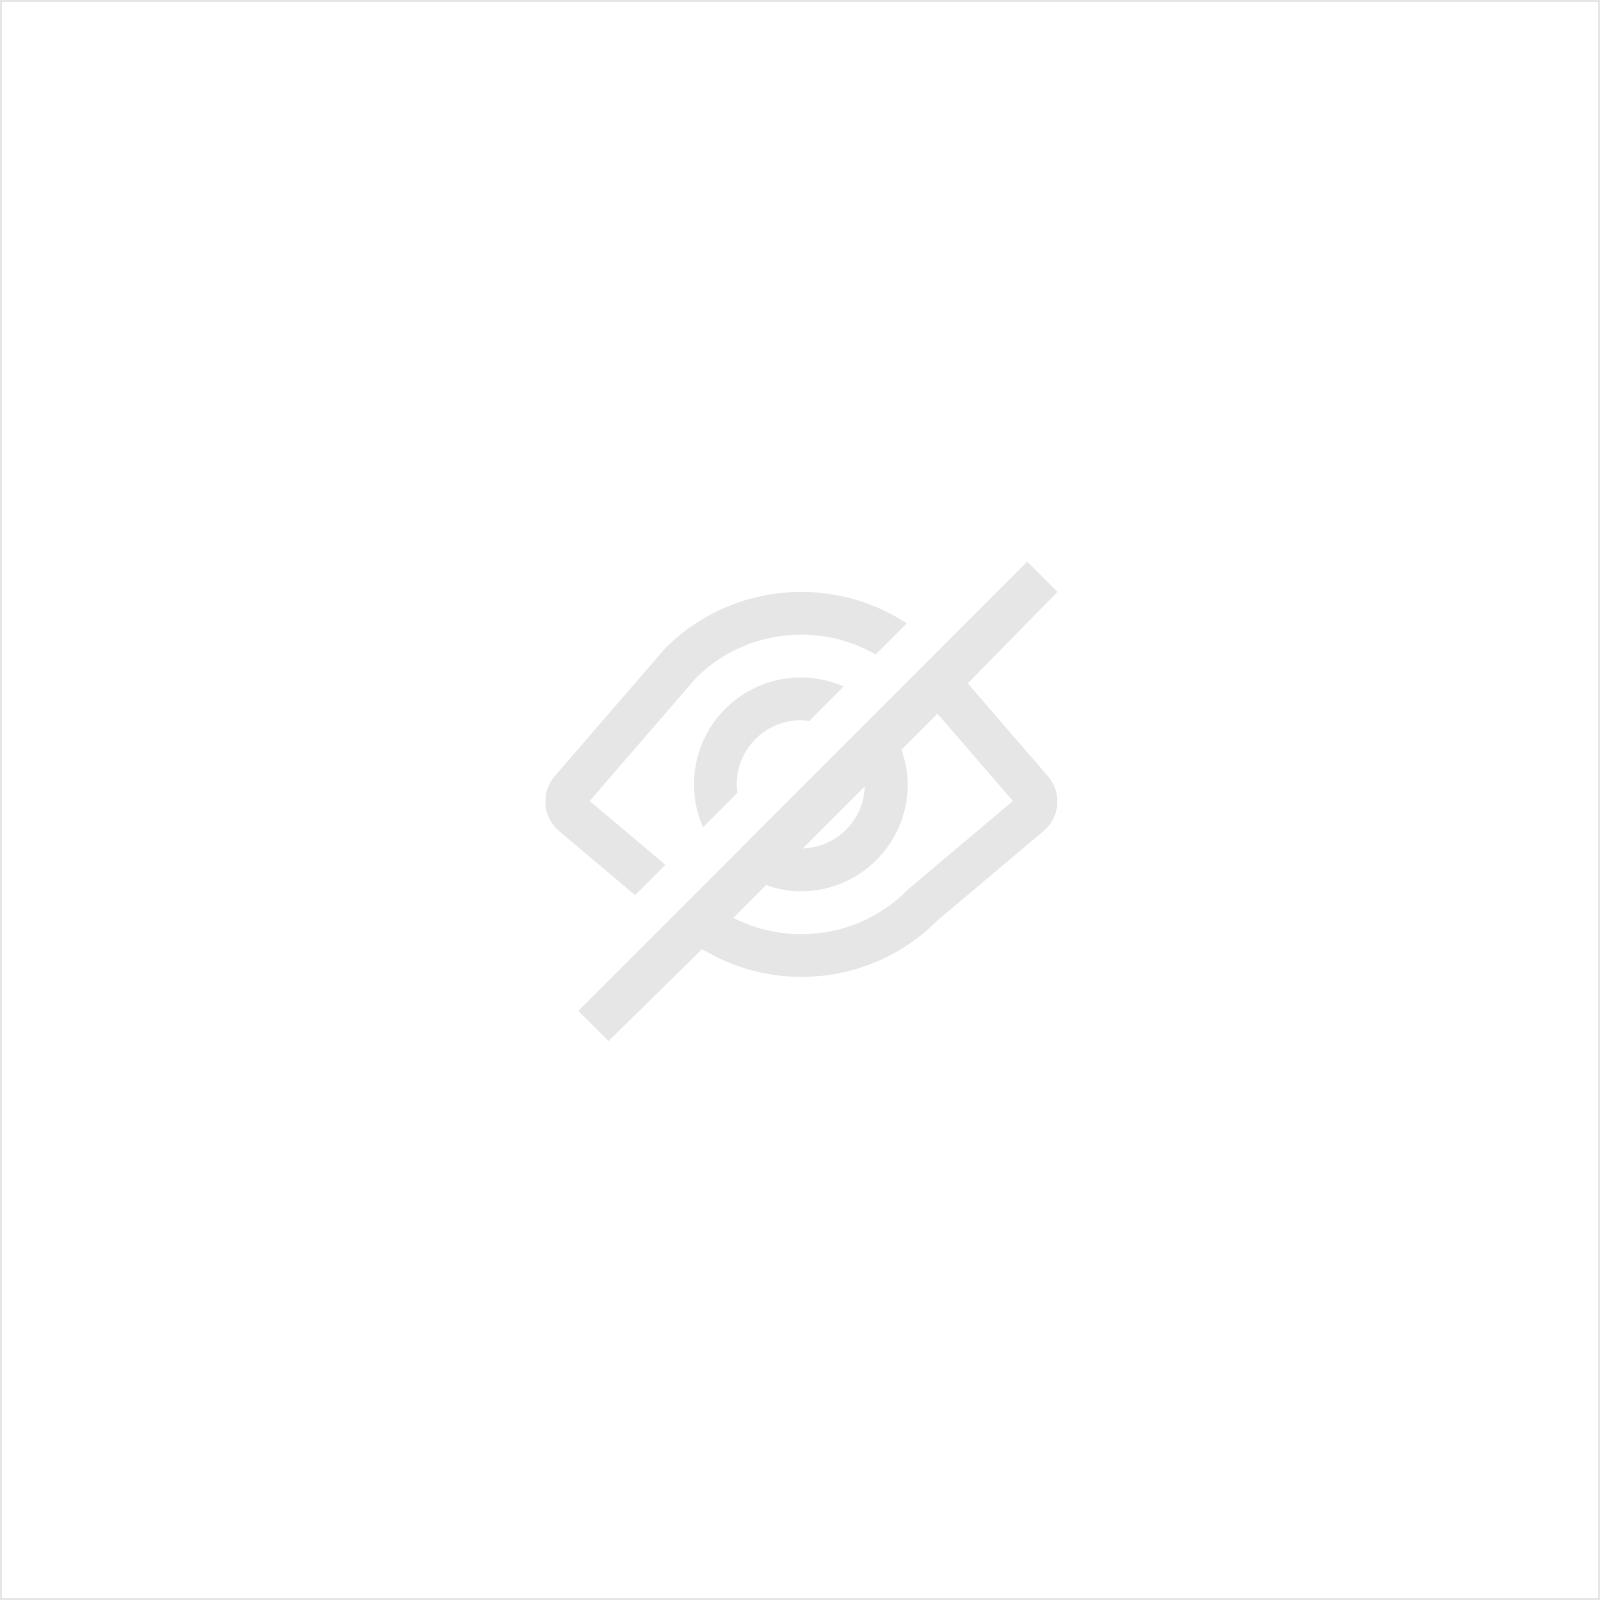 WERKPLAATSMEUBEL COMBI34 - IMOLA